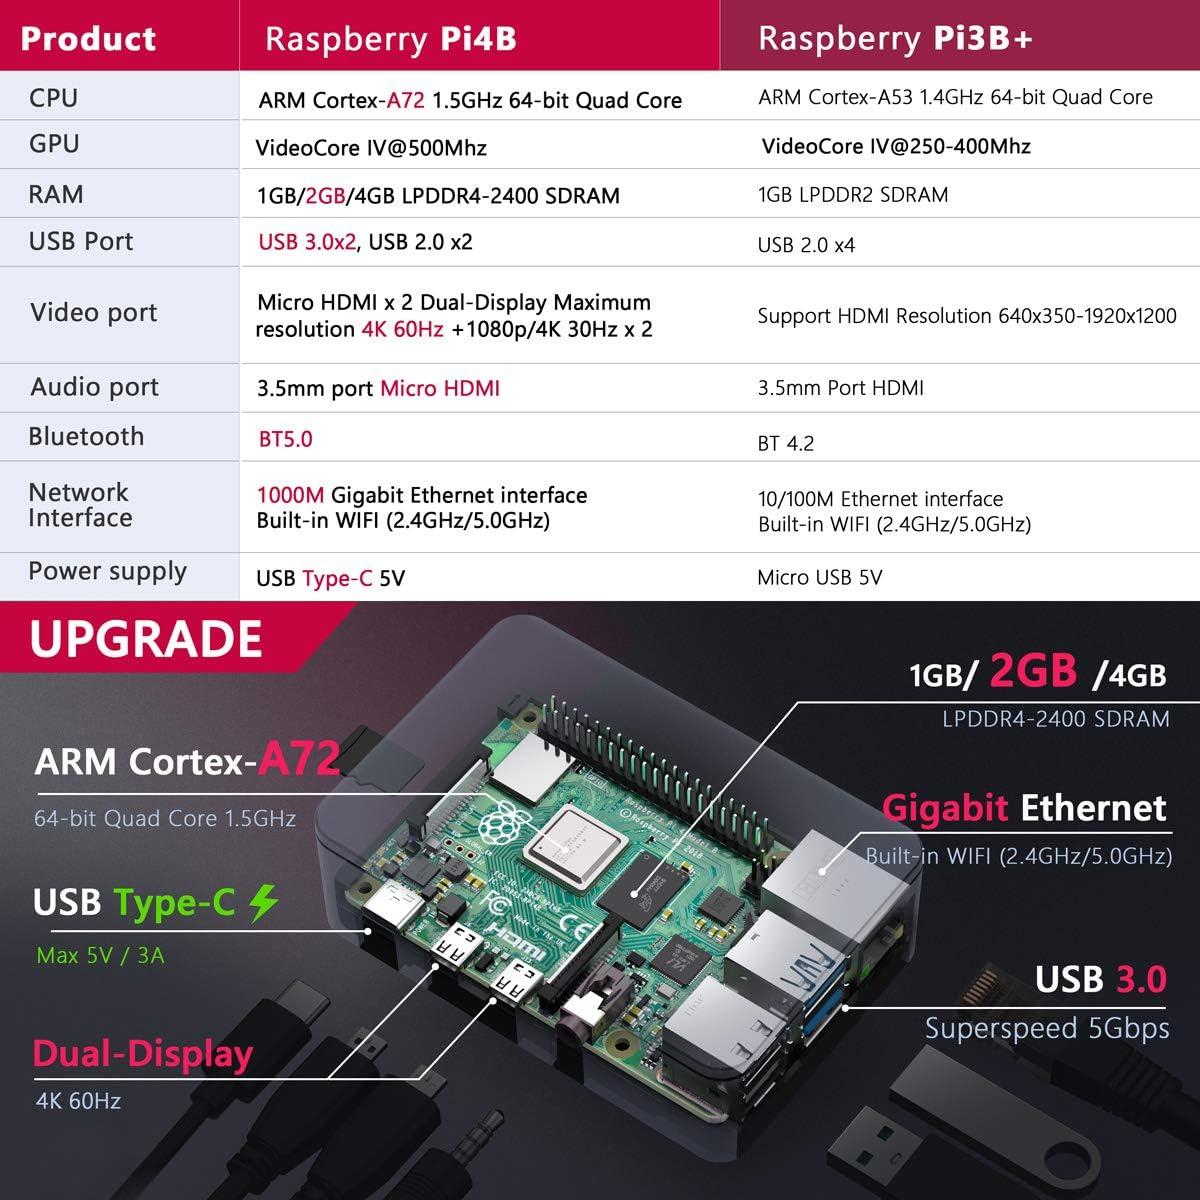 Bqeel 【Promoción】 Raspberry Pi 4 Model B 【2GB RAM+64GB SD Card 】con 4K,BT 5.0,WiFi 2.4G/5G/1000M Ethernet,2*USB 3.0/USB 2.0,USB-C Adaptador de Corriente con Interruptor: Amazon.es: Electrónica